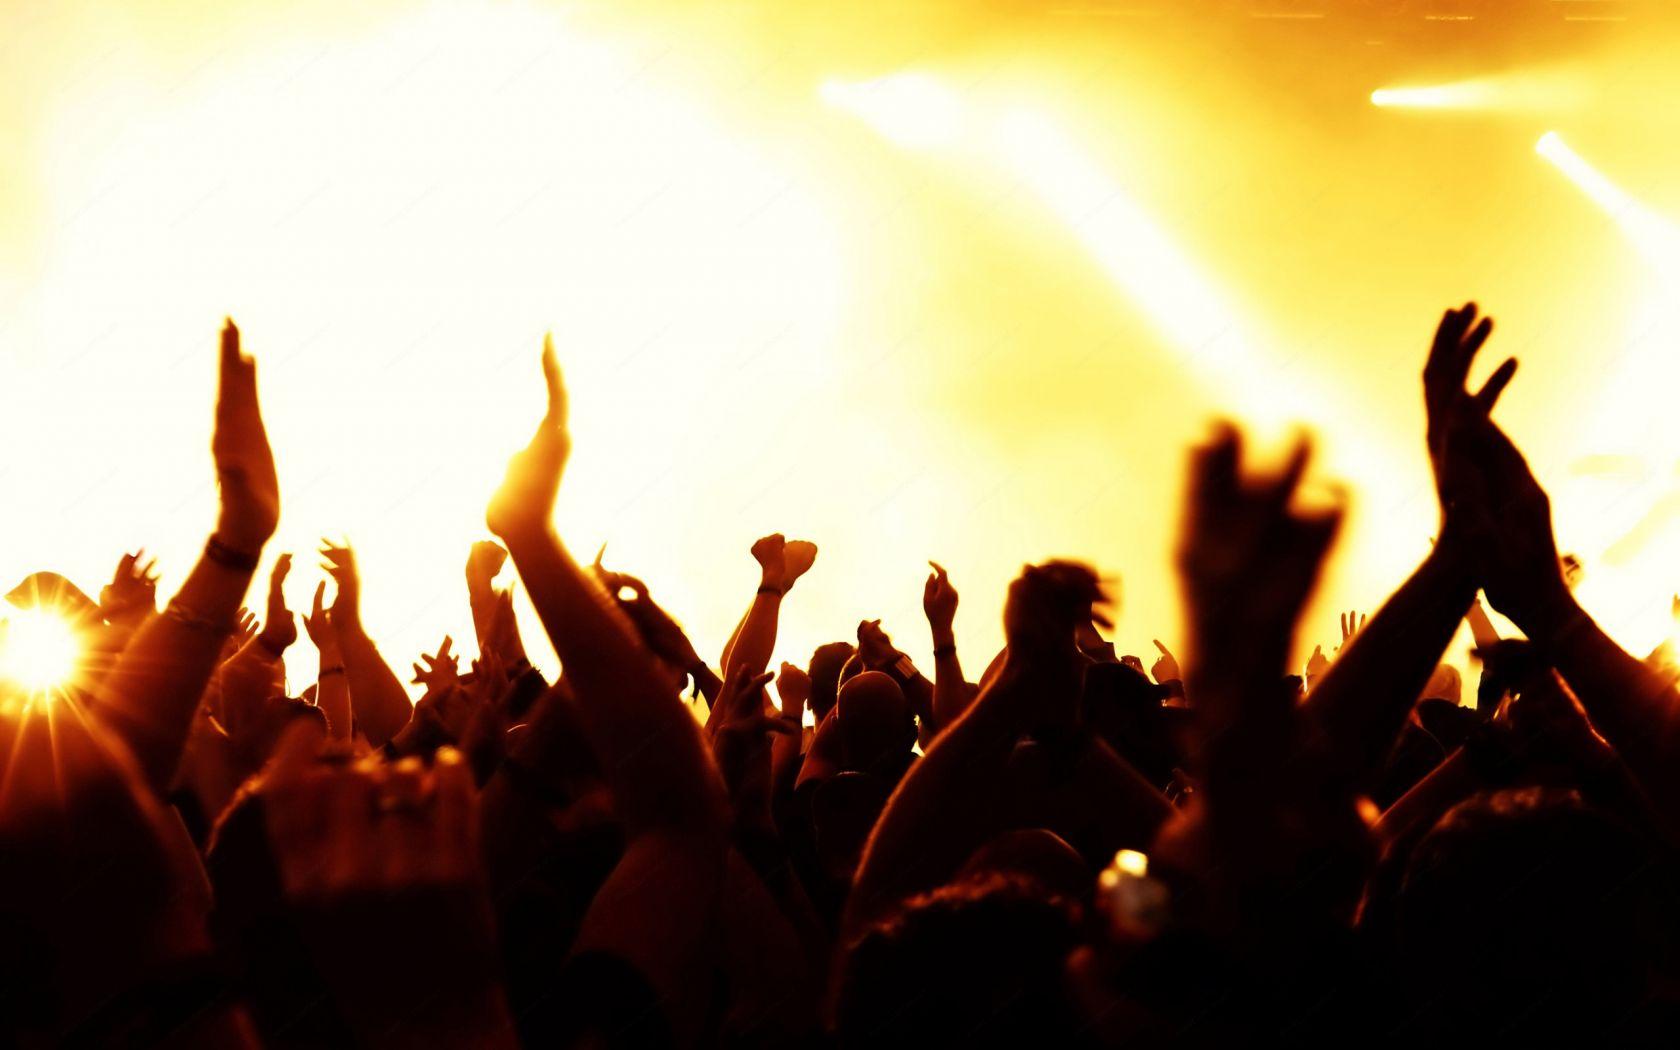 рок музыка в исполнении симфонического оркестра слушать